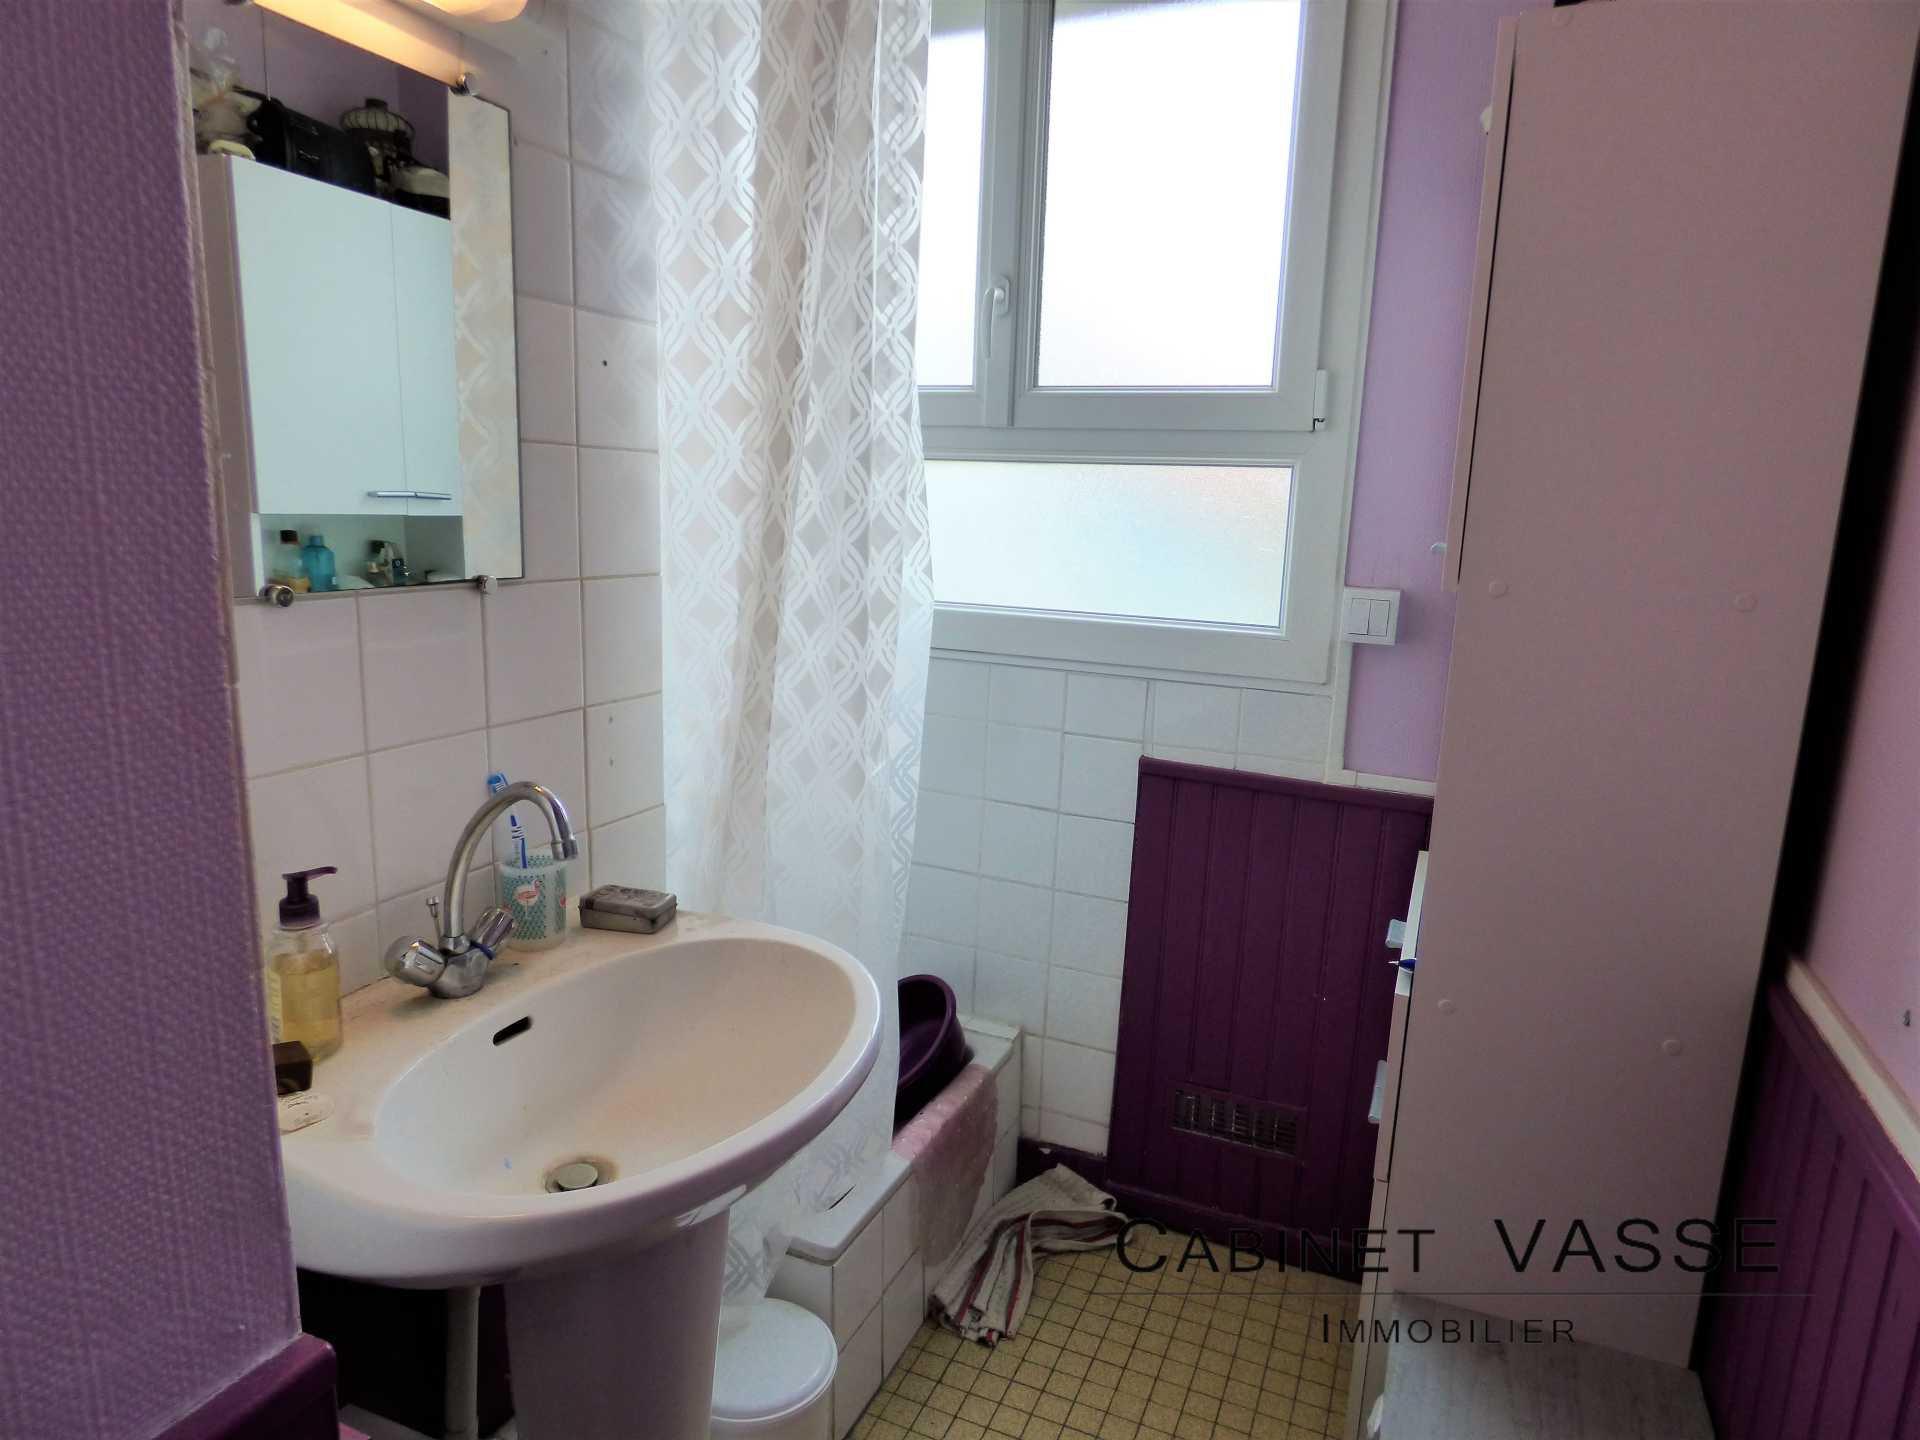 salle d'eau, douche, vasse, a louer